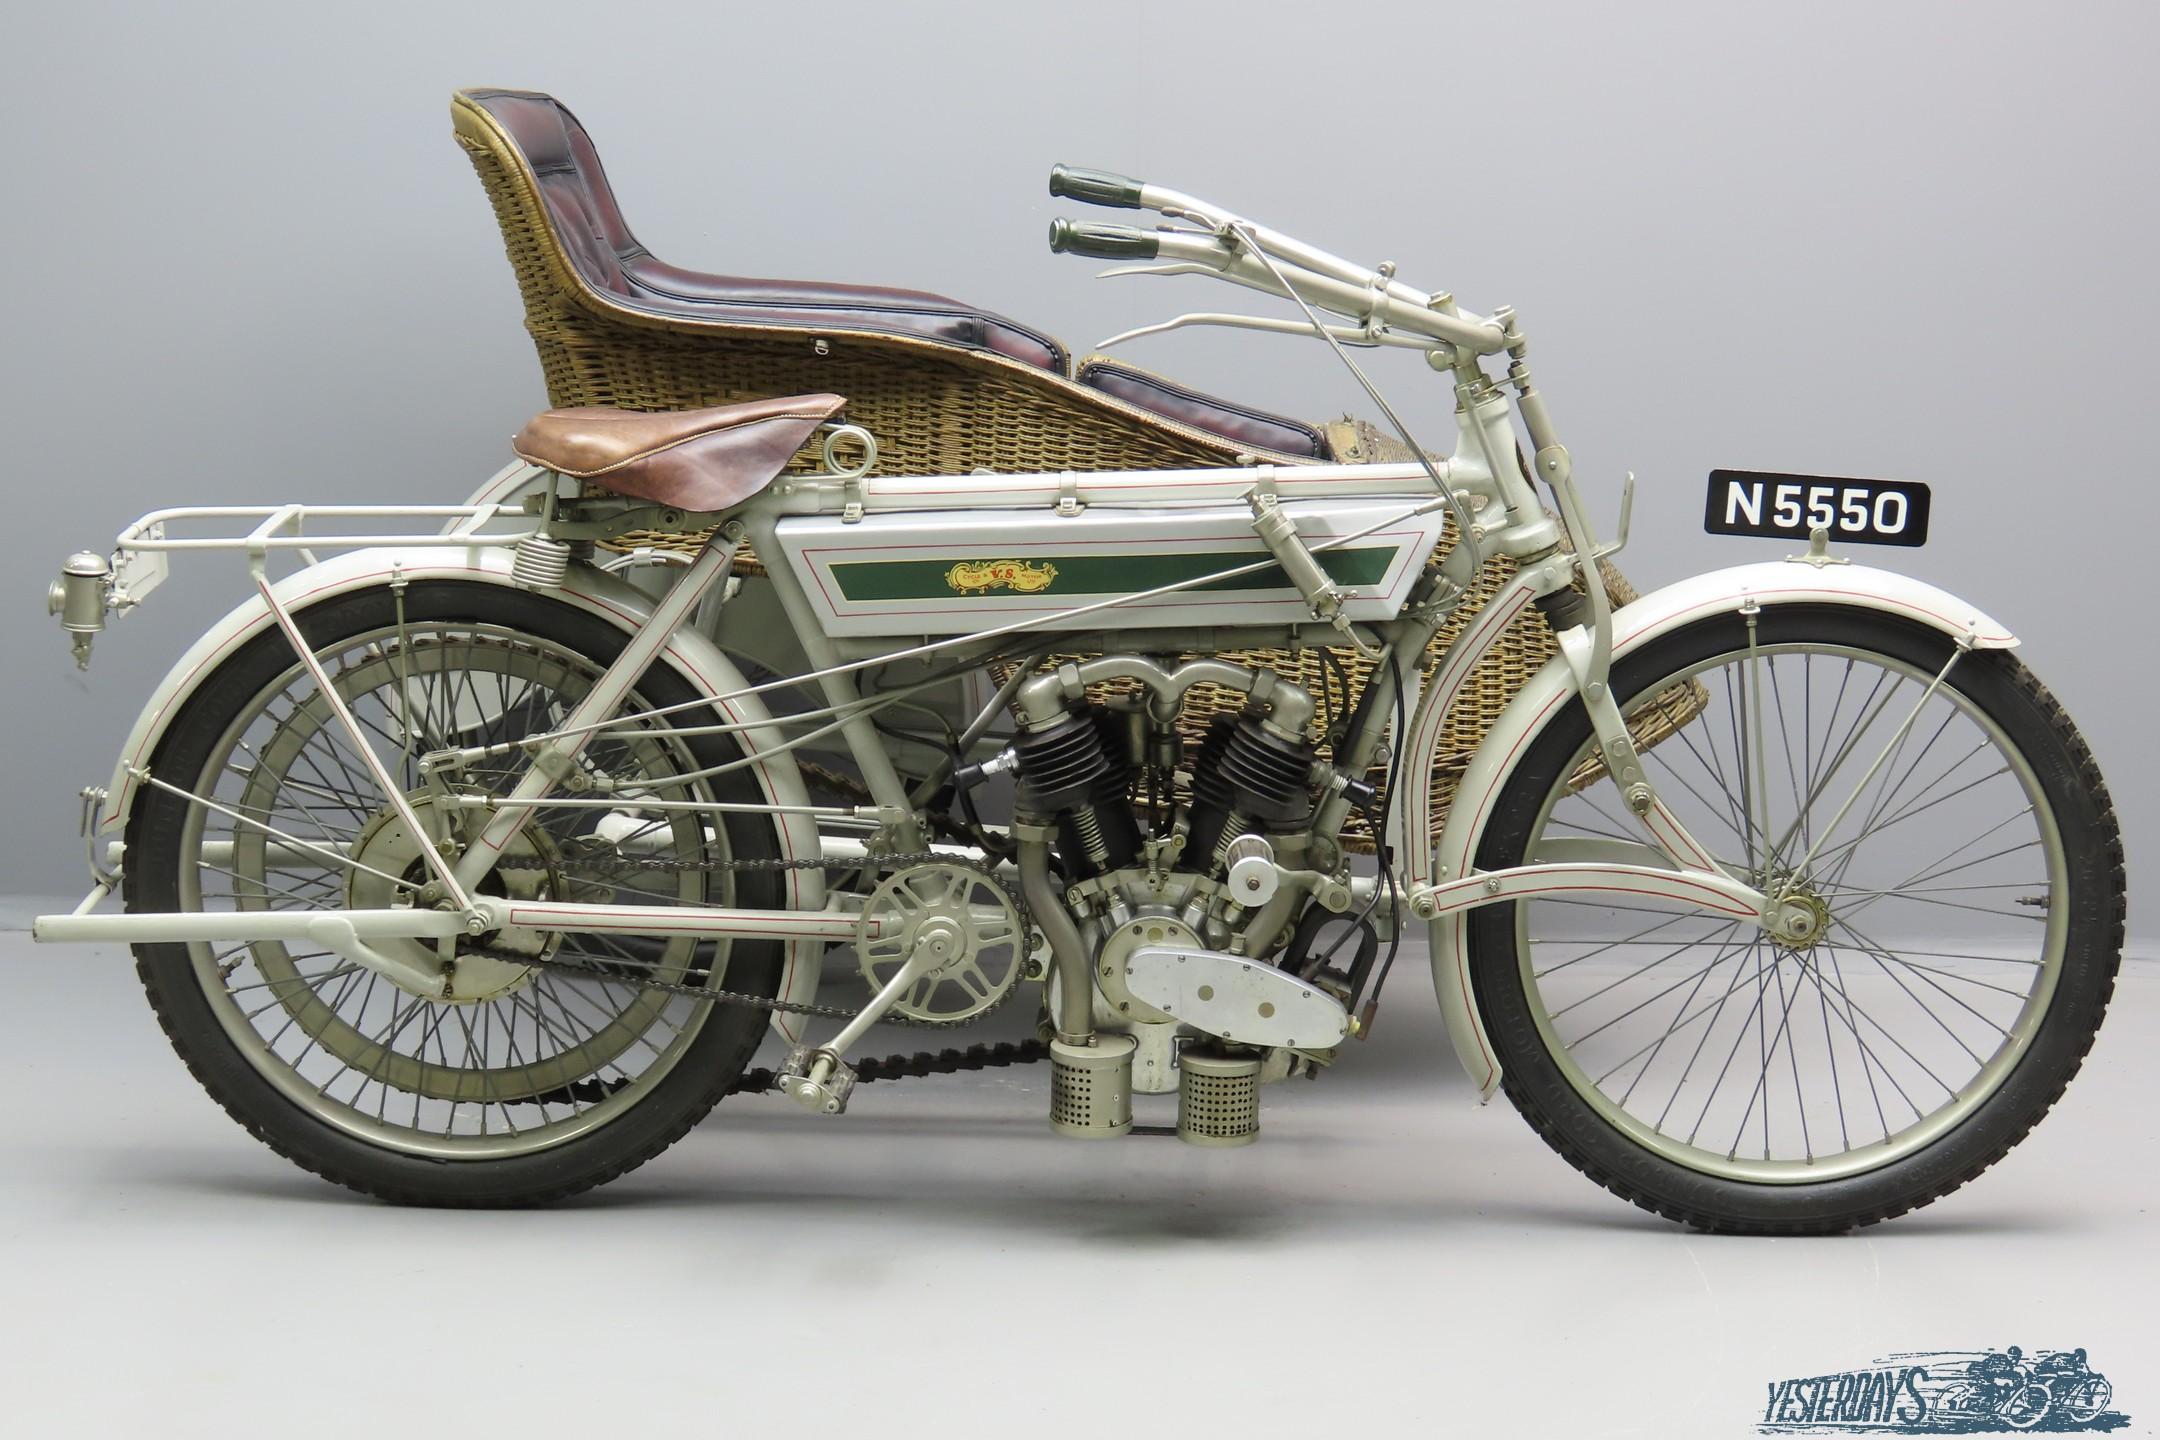 Vindec Special 1909 663cc 2 cyl aiv 3007